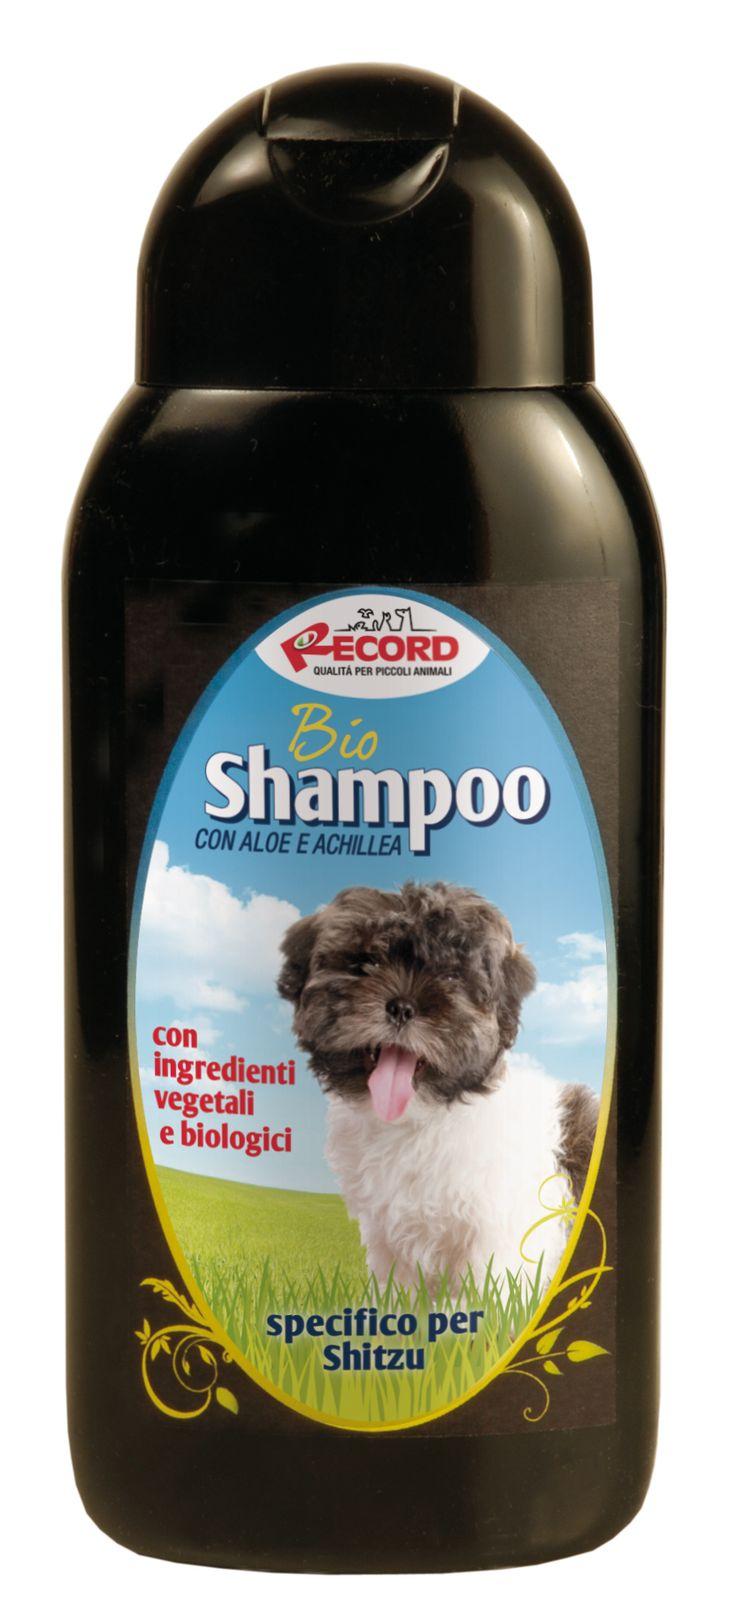 #Bio #shampoo specifico per #cani #Shitzu, by Record. www.recordit.com